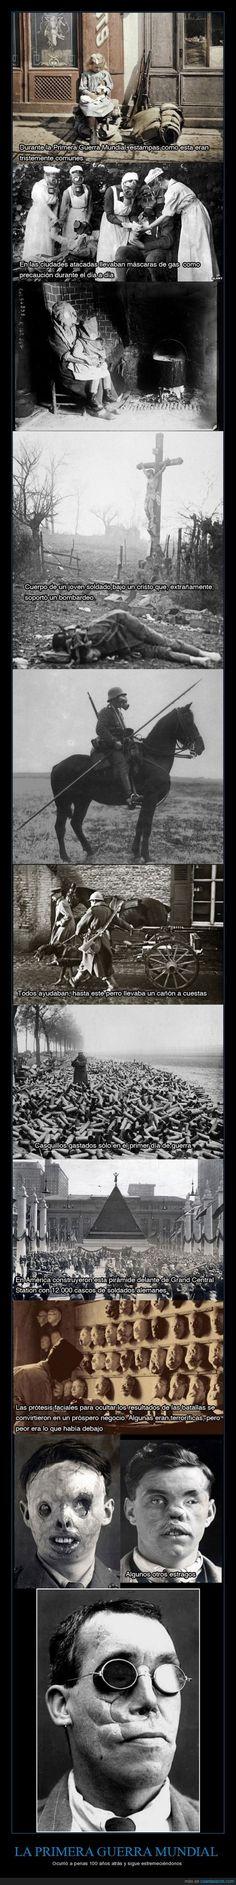 LA PRIMERA GUERRA MUNDIAL - Ocurrió a penas 100 años atrás y sigue estremeciéndonos